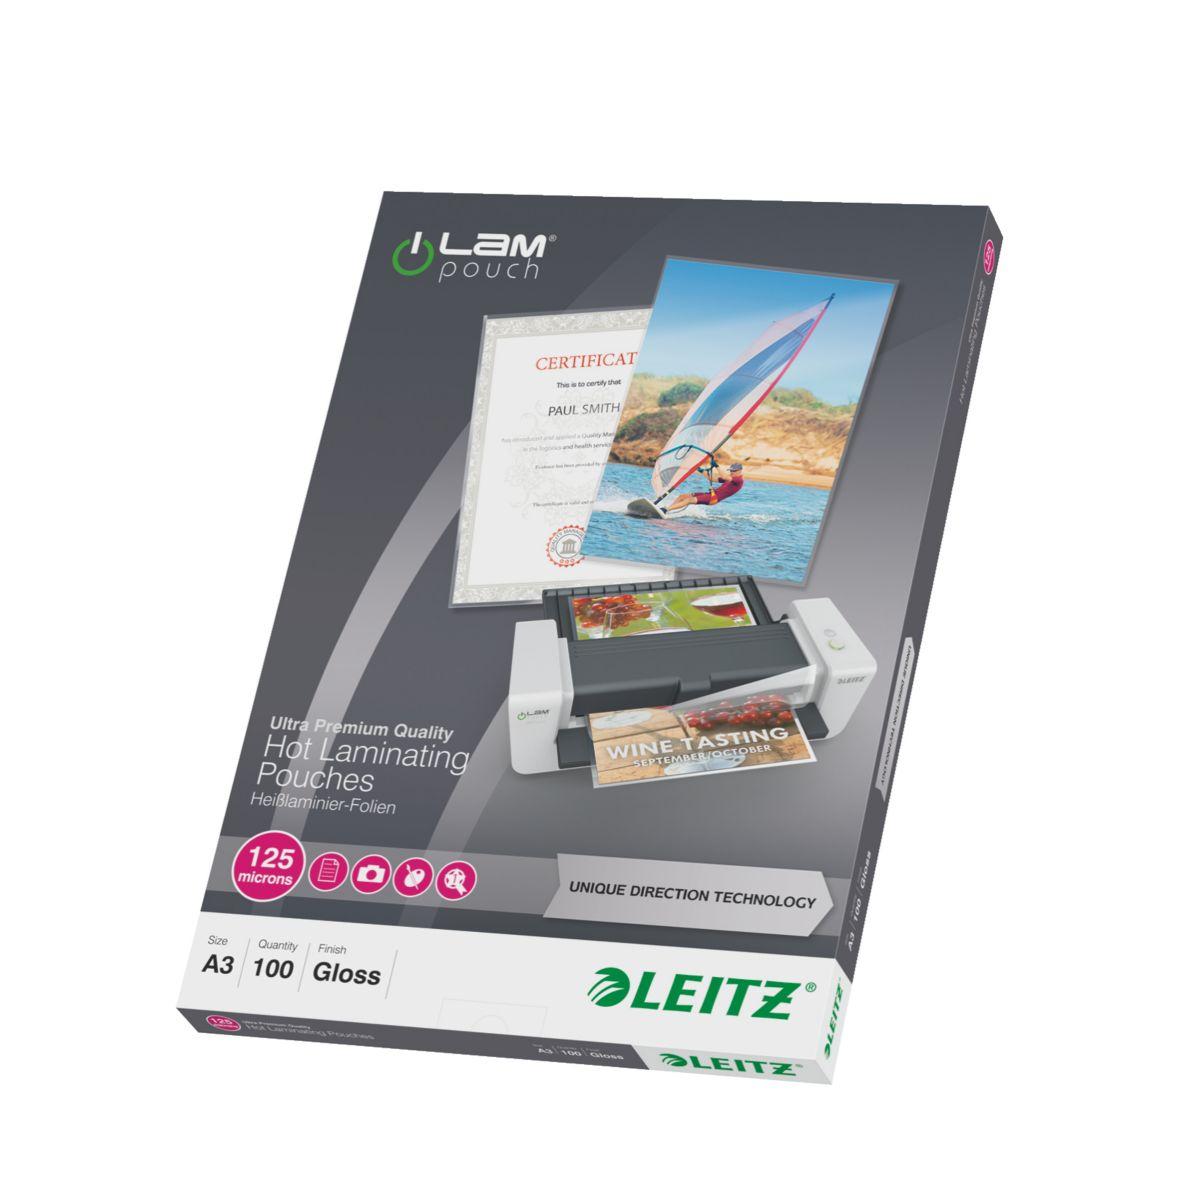 Consommable de bureau pour plastifieuse leitz pochettes 125 udt a3 boite de 100 (photo)